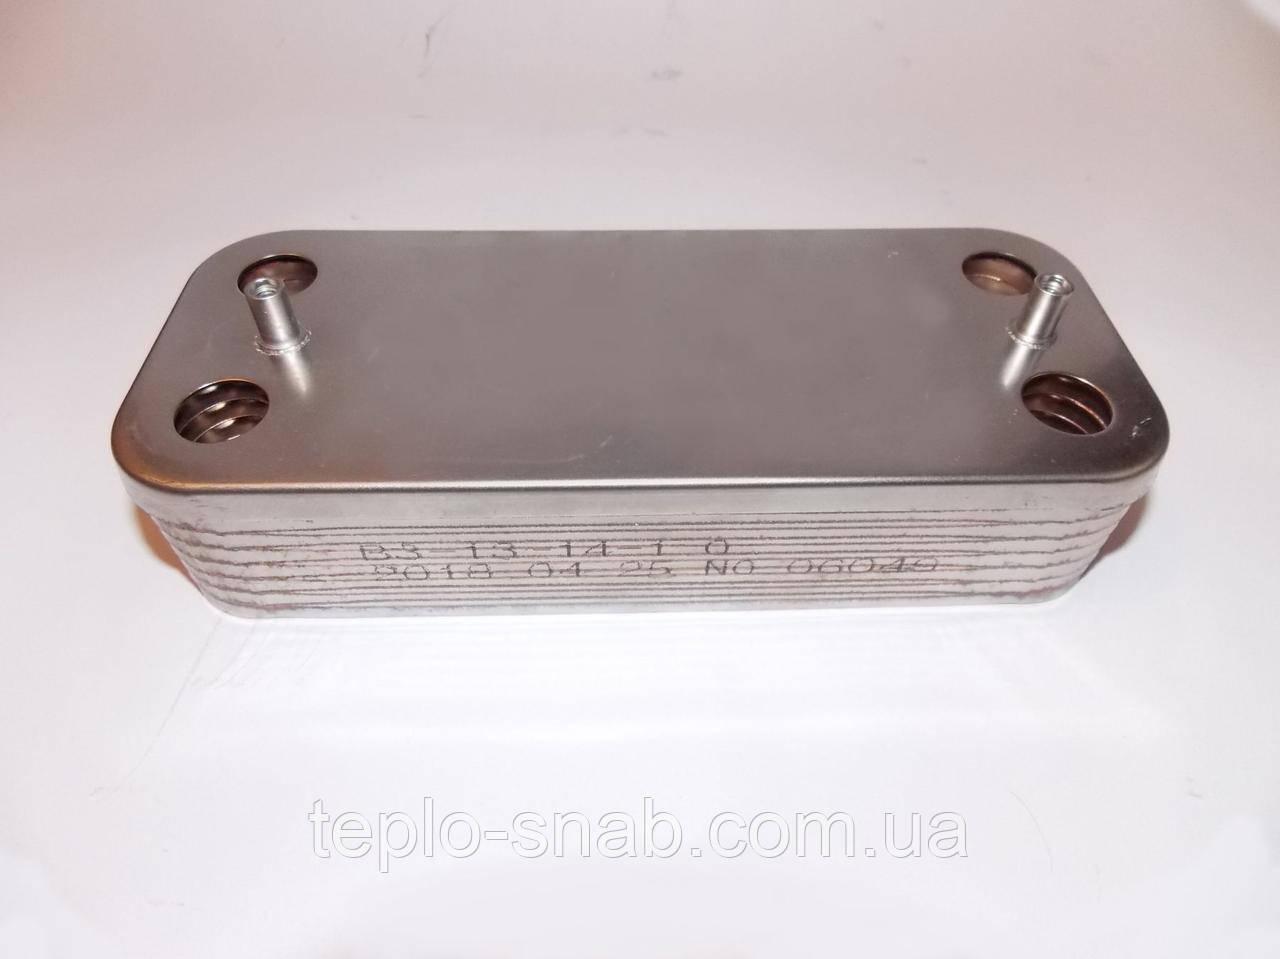 Вторинний теплообмінник Sime Format DGT BF/OF 14 пл. 6319690